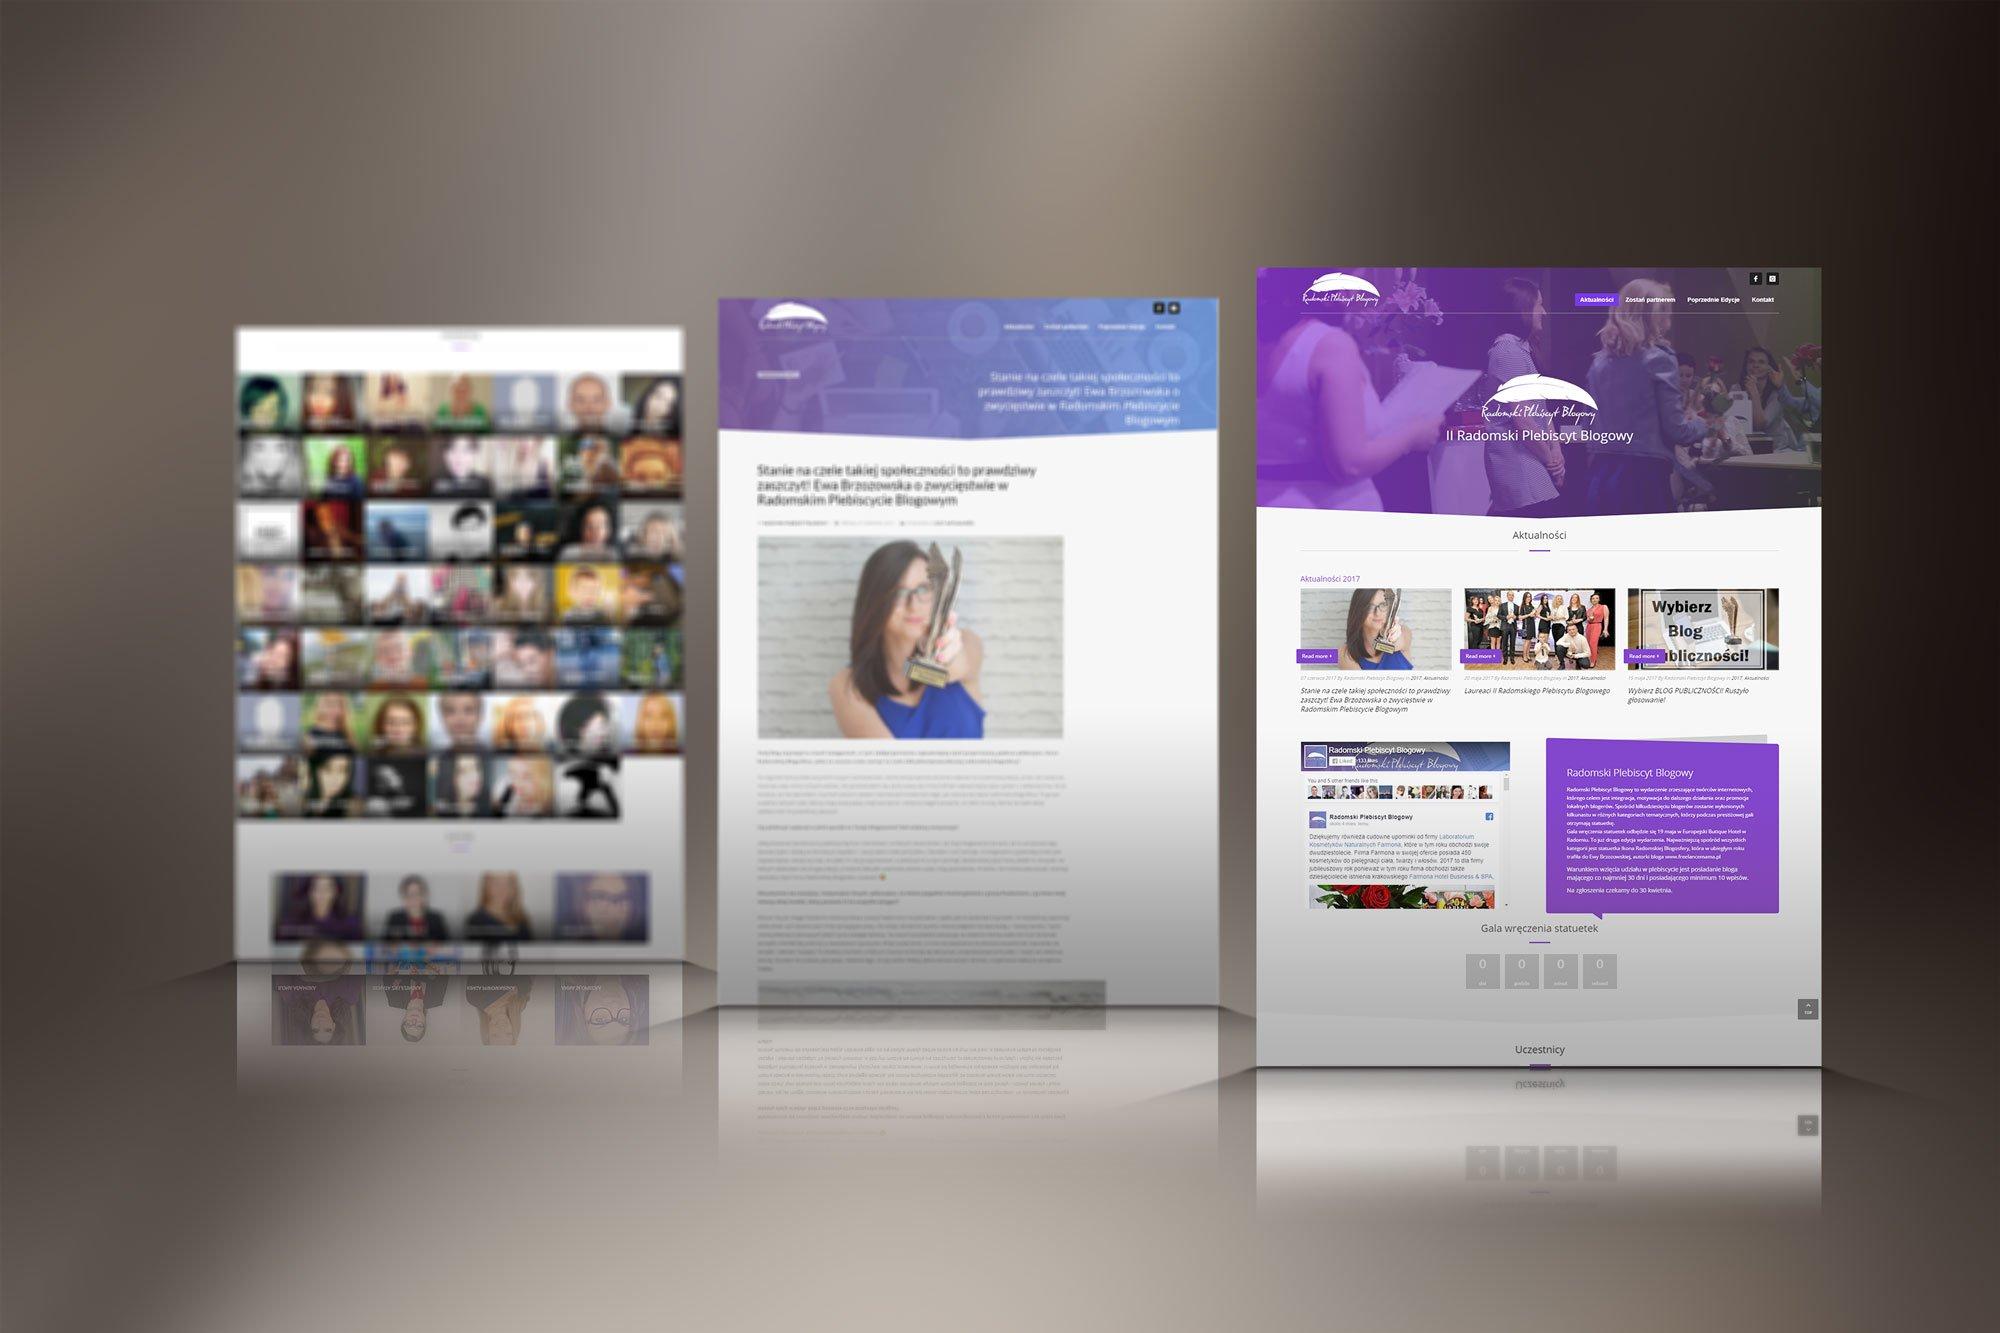 Strona plebiscytu blogowego